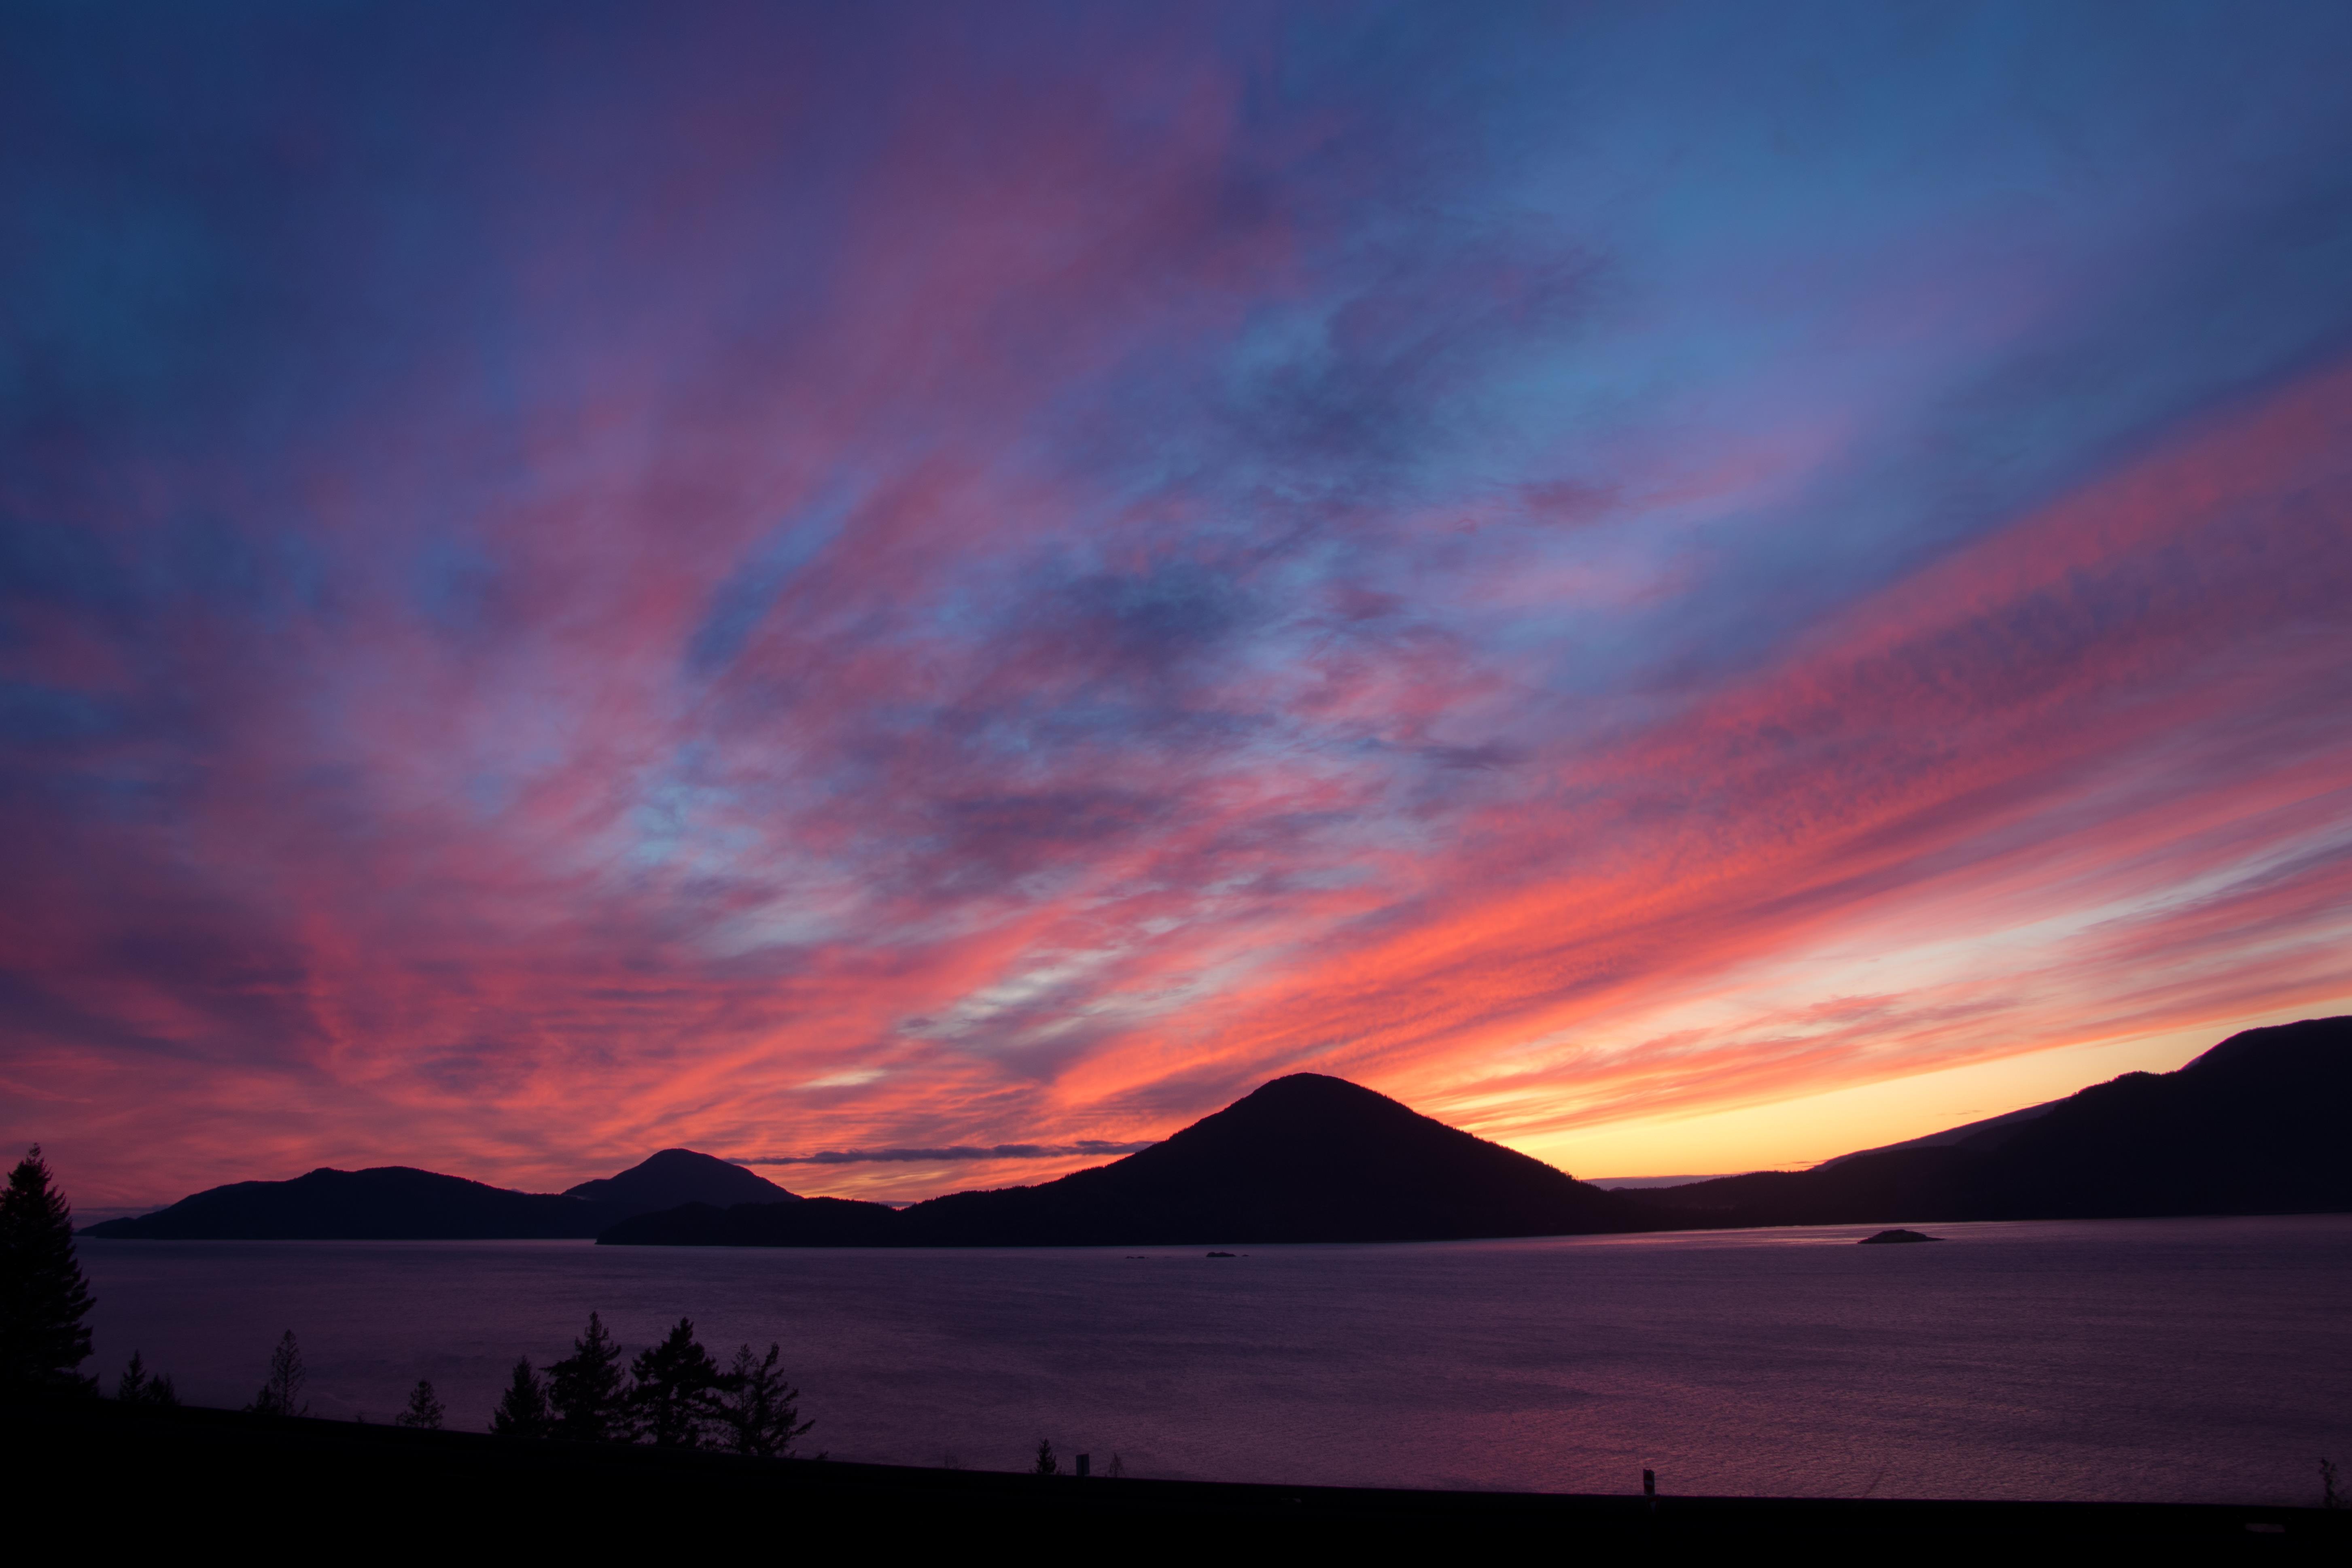 Howe Sound at sunset. (Photo Credit: Eric Kukulowicz)